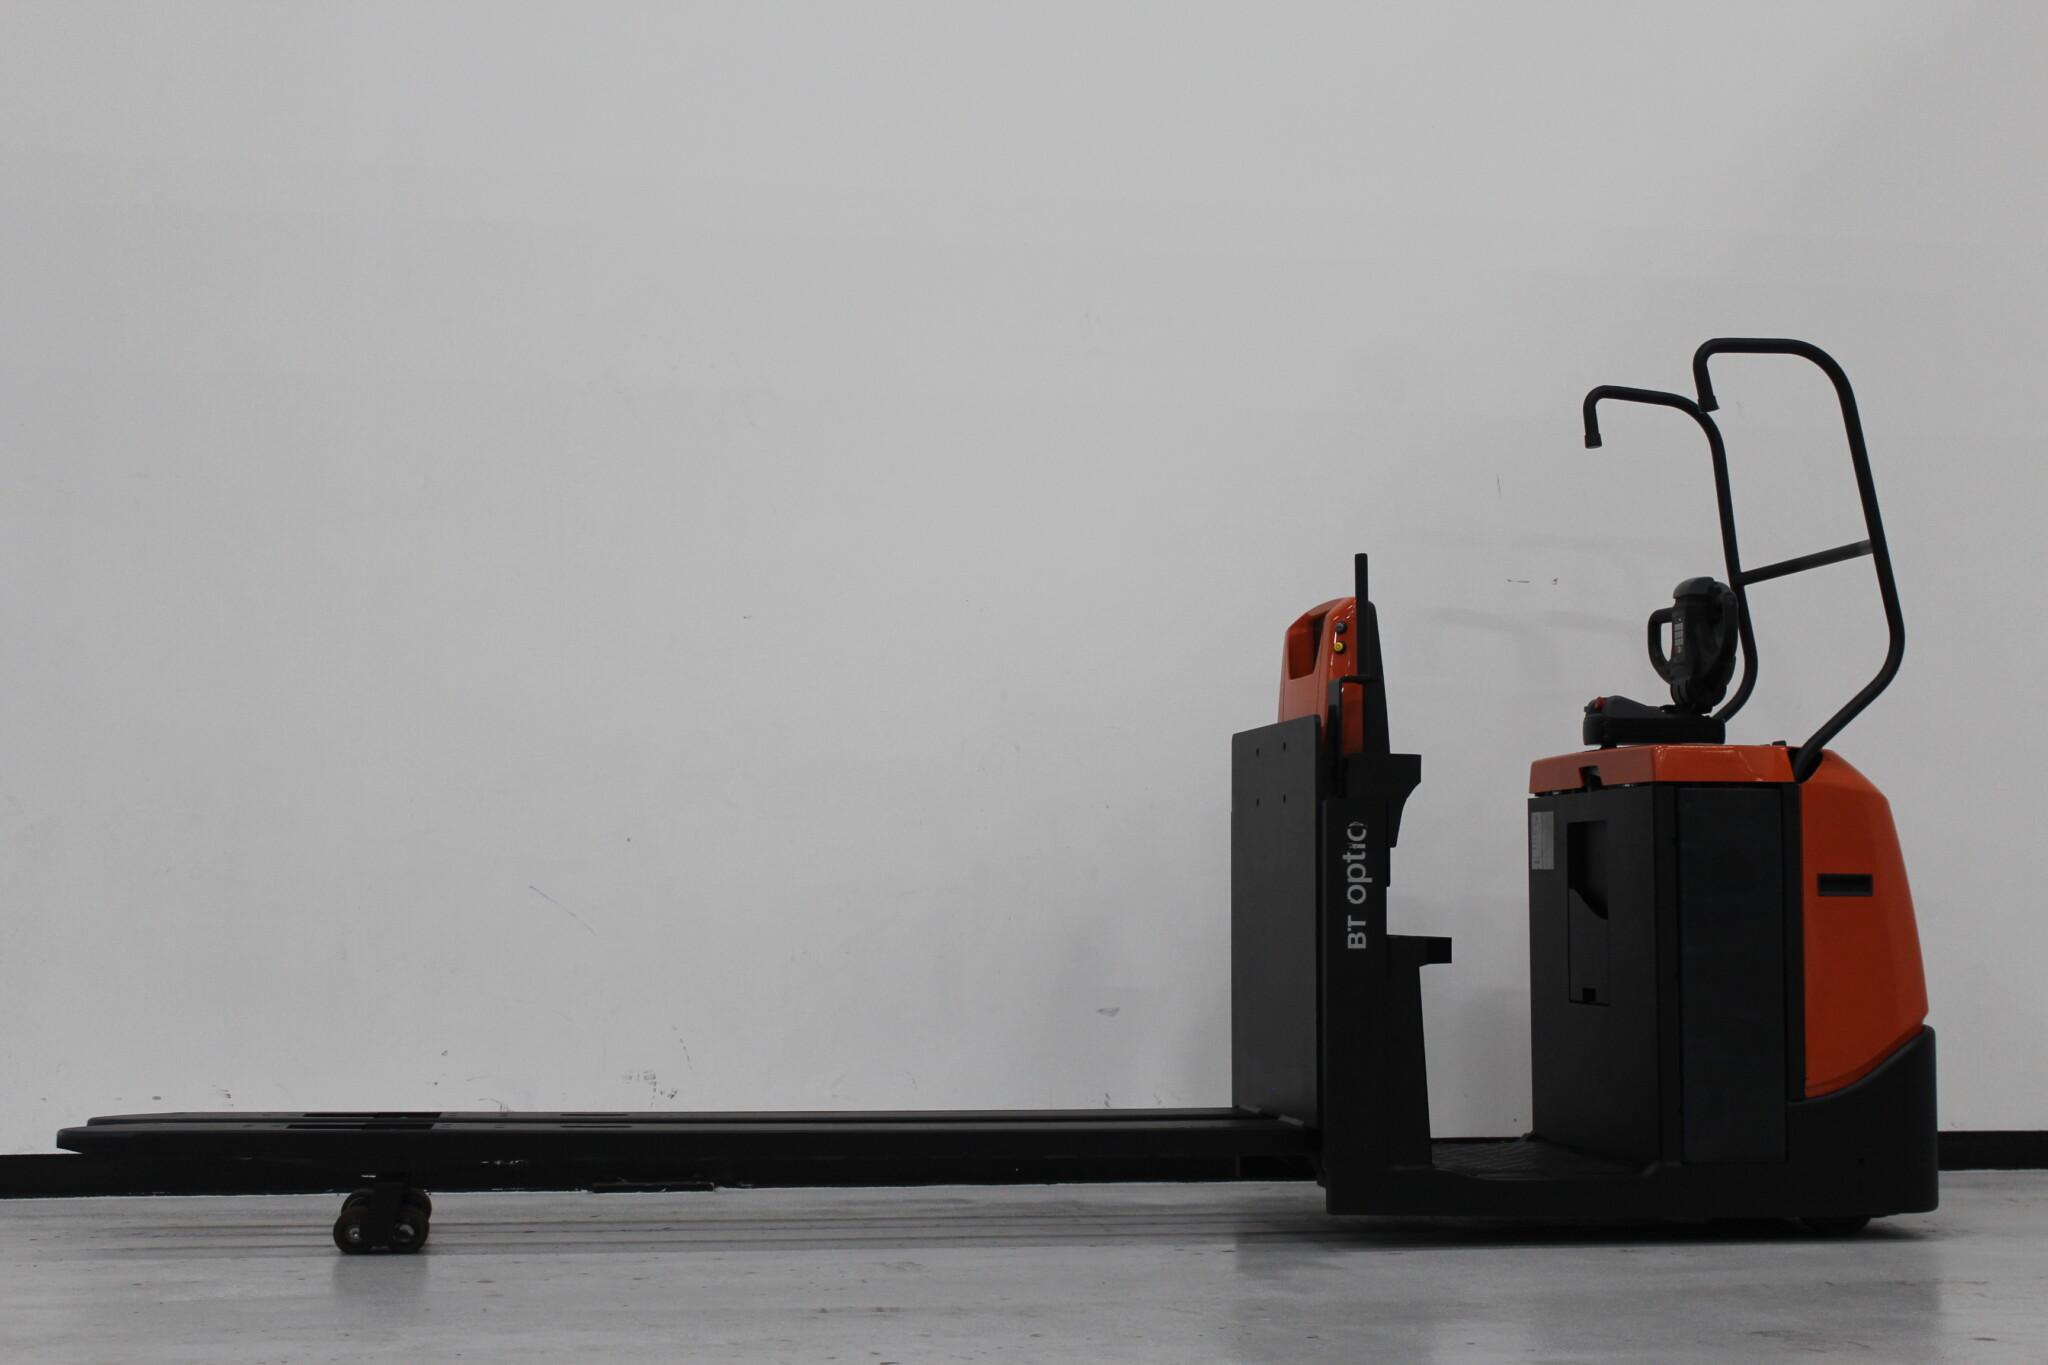 Toyota-Gabelstapler-59840 1611025934 1 scaled